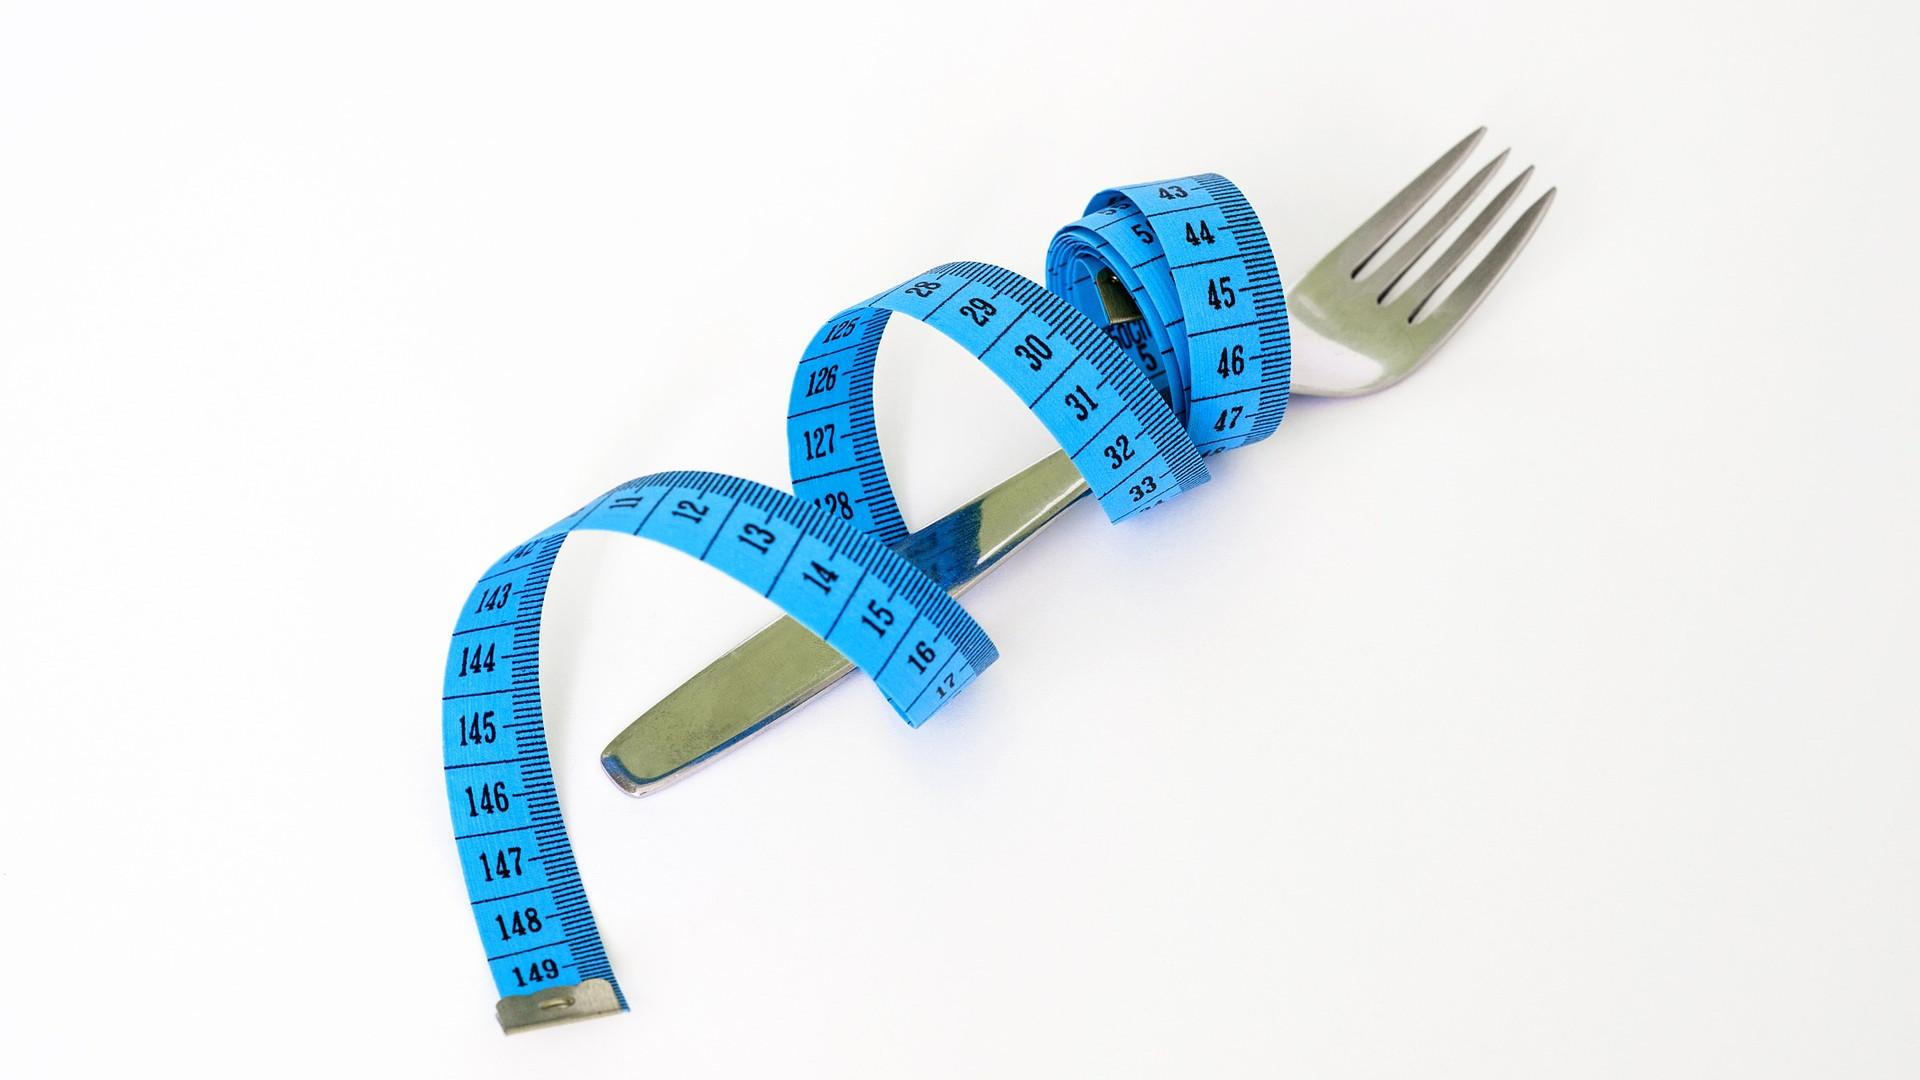 Le régime hyperprotéiné représente une sérieuse astuce pour perdre du poids